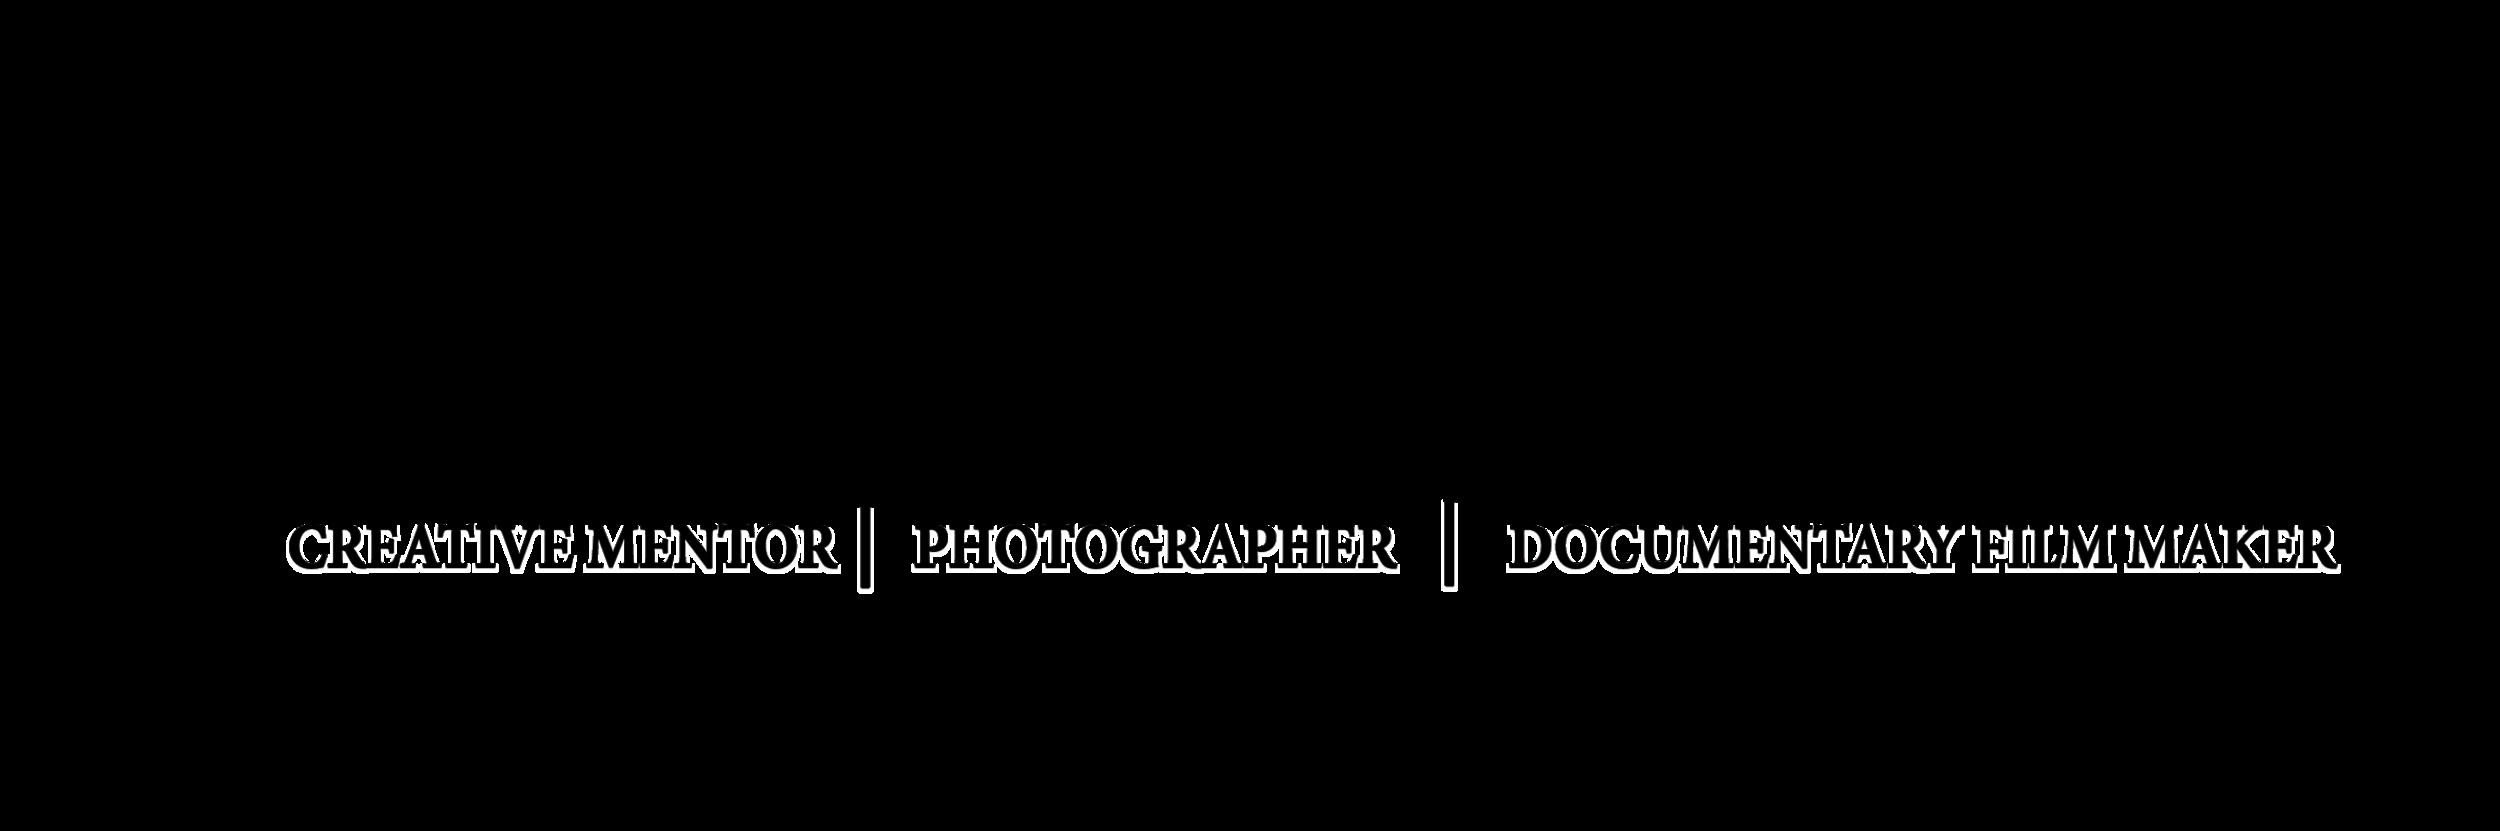 MASTER-branding.png